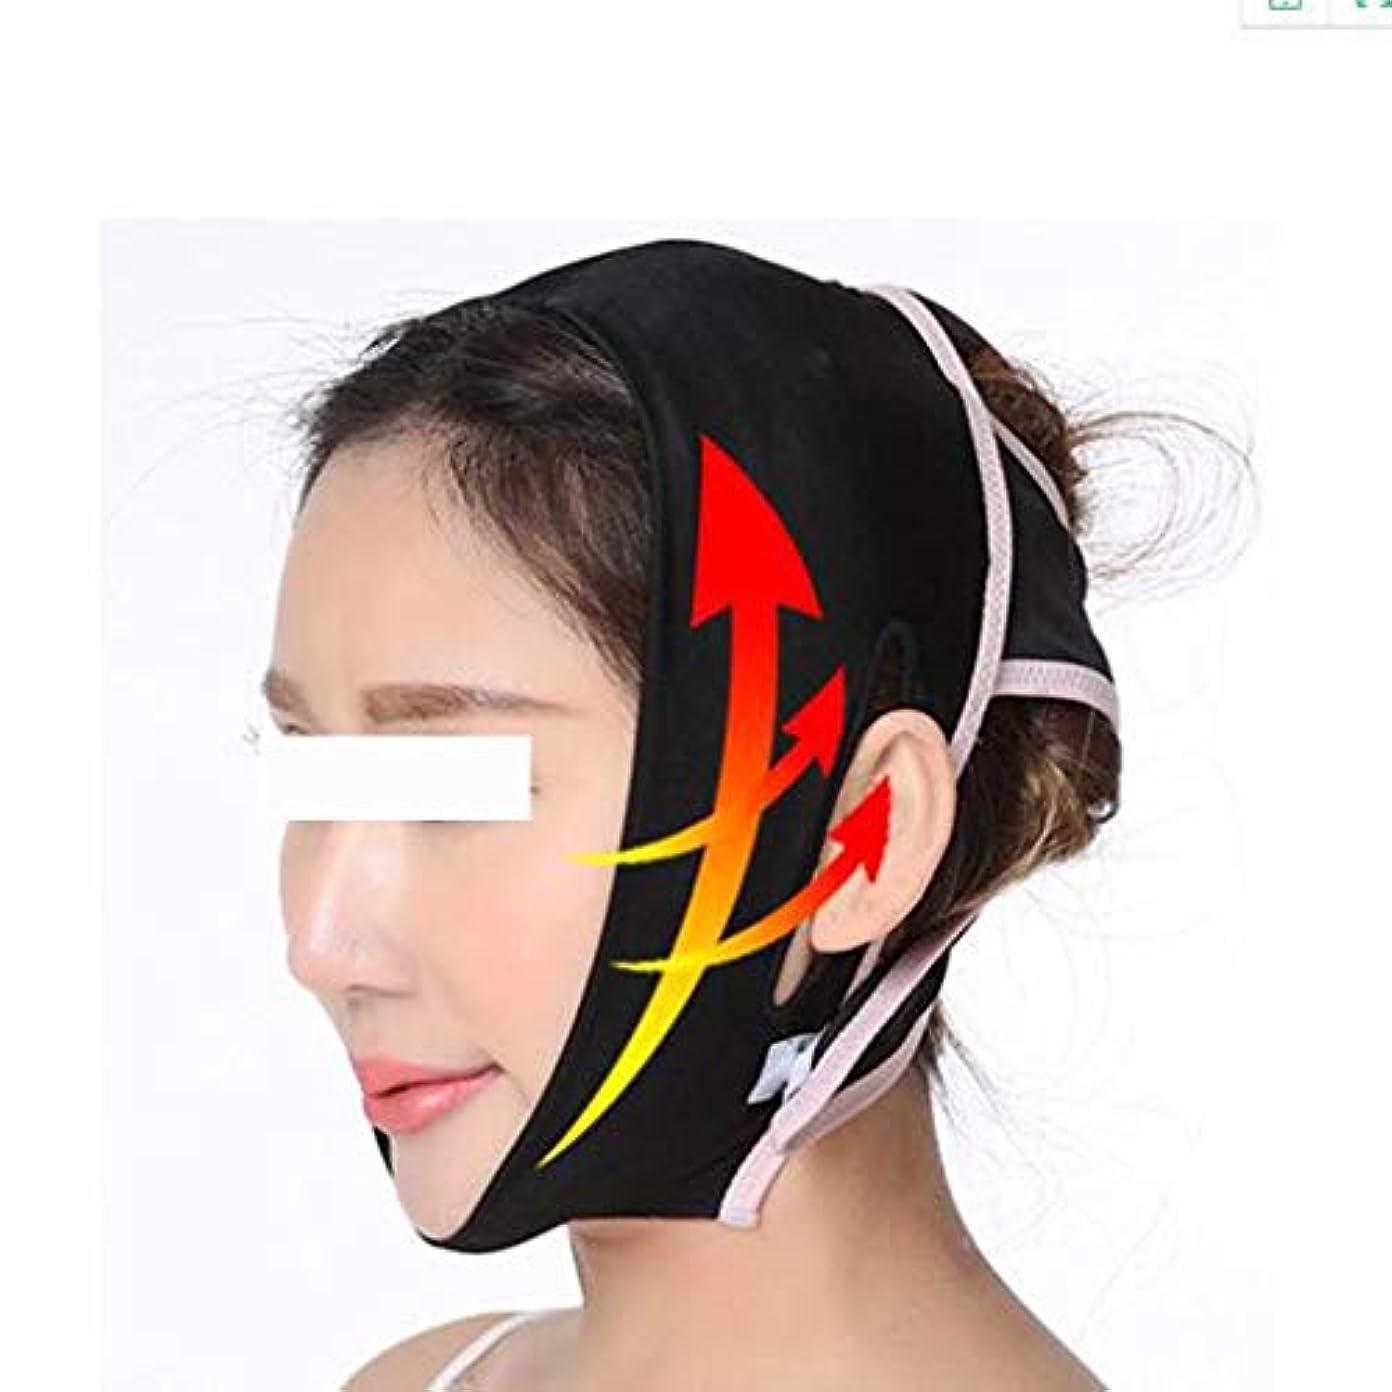 出席する群集危険なV顔持ち上がる二重あご法律のパターンを削除する薄いV顔包帯 - 小さな顔マスク - 顔の形